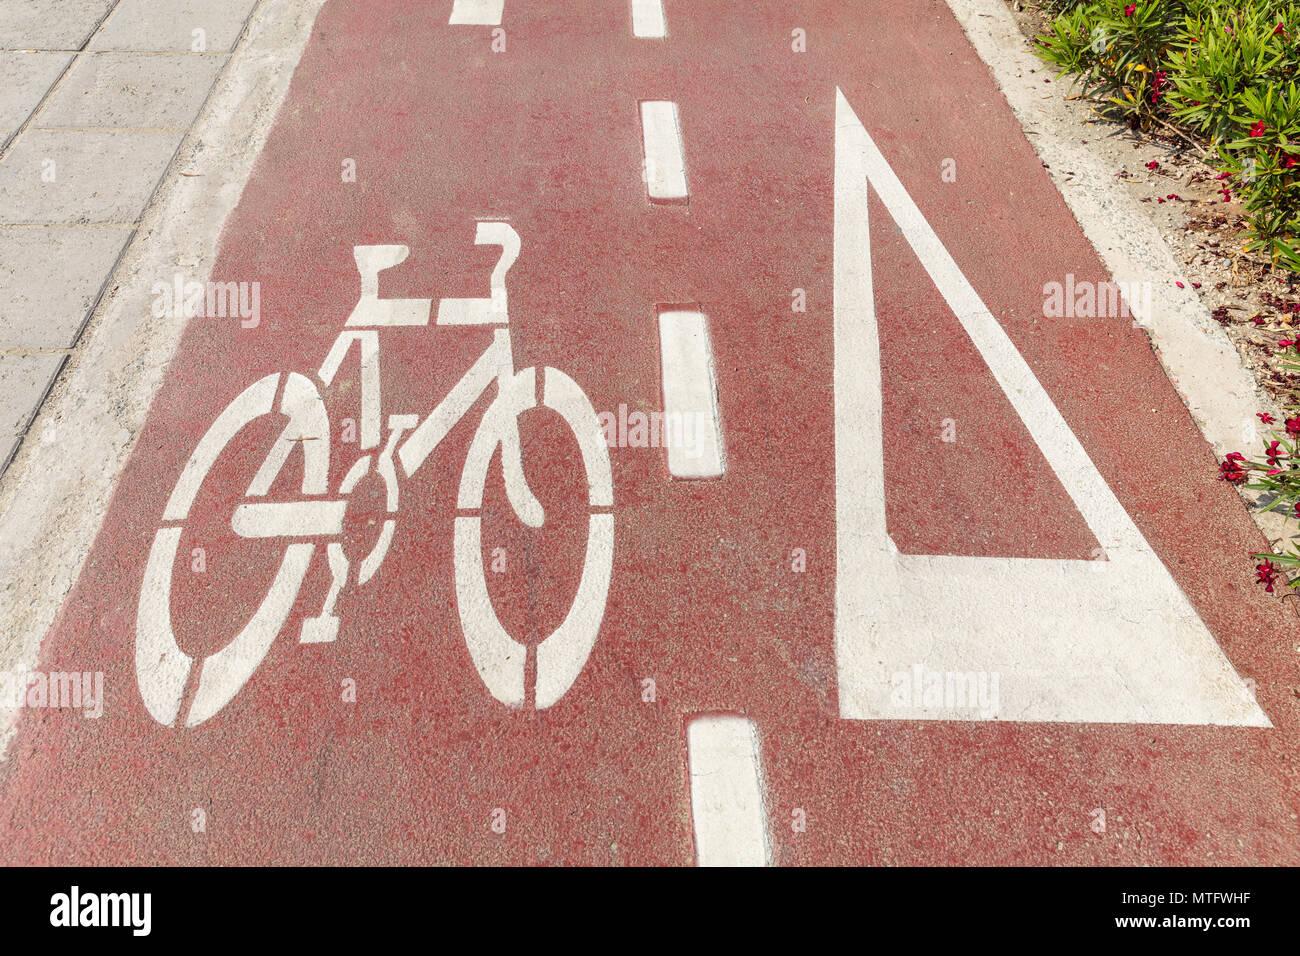 Radweg. Fahrrad unterzeichnen und weiße Pfeil auf dem roten Asphalt Pfad Stockfoto